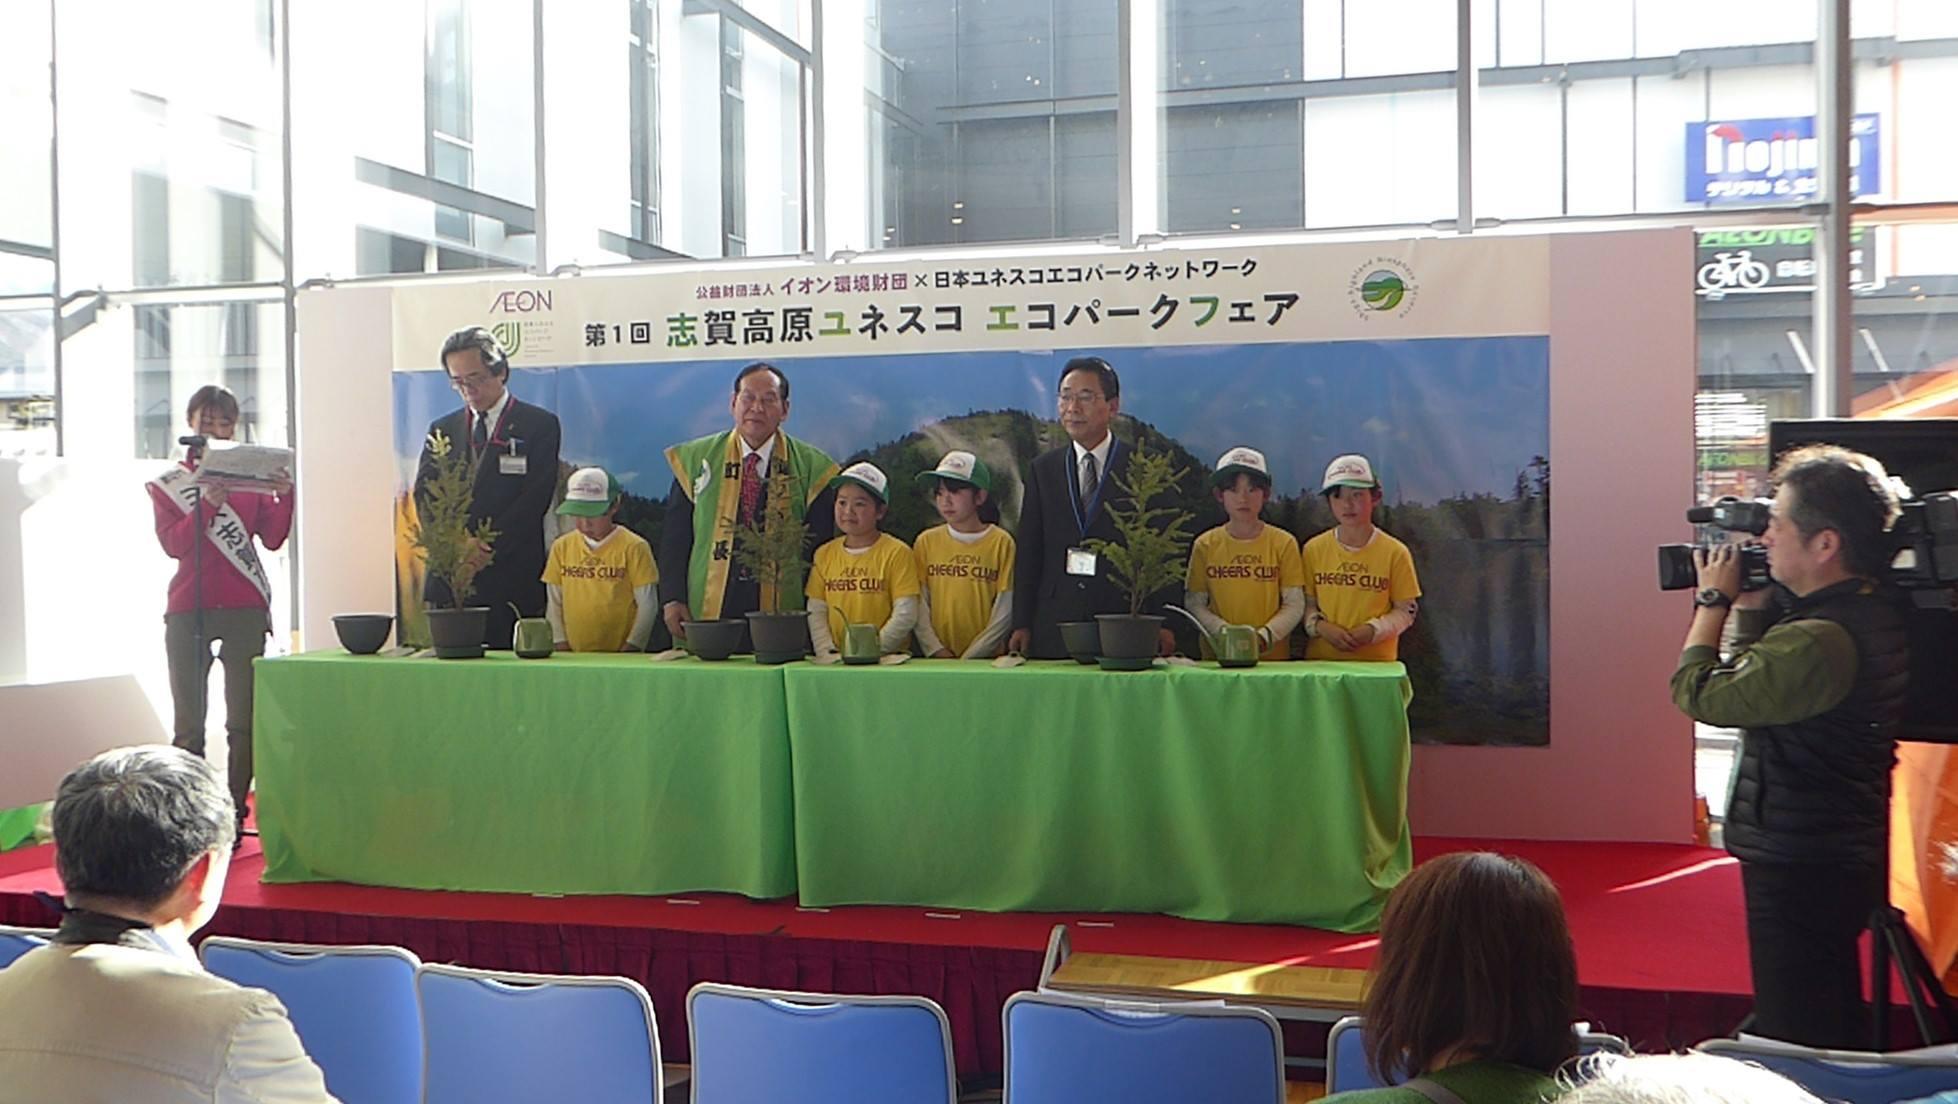 山ノ内町ユネスコエコパーク-localwork-第1回志賀高原ユネスコエコパークフェア開催